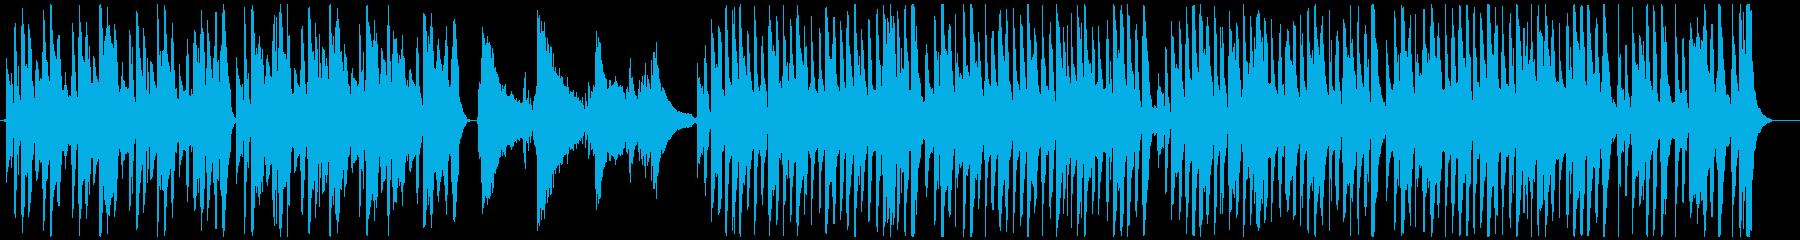 マンドリンとギターをフィーチャーし...の再生済みの波形